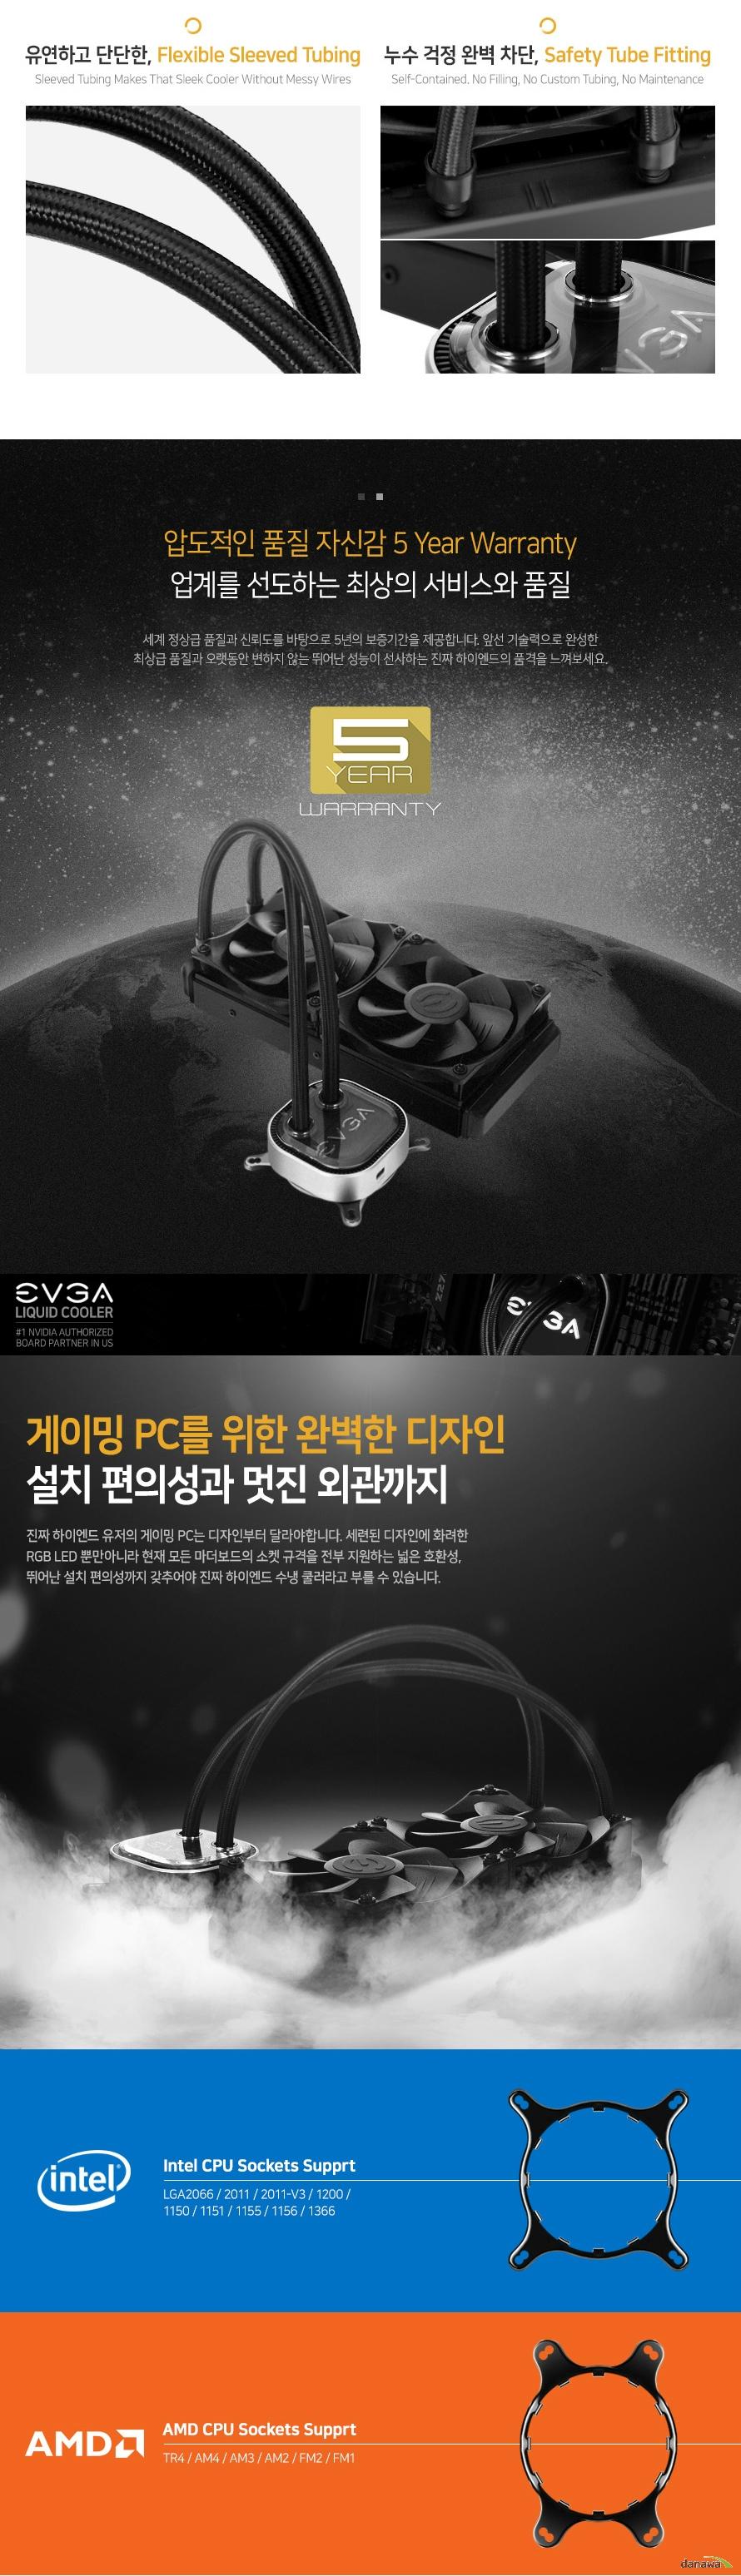 EVGA CLC 240 Liquid